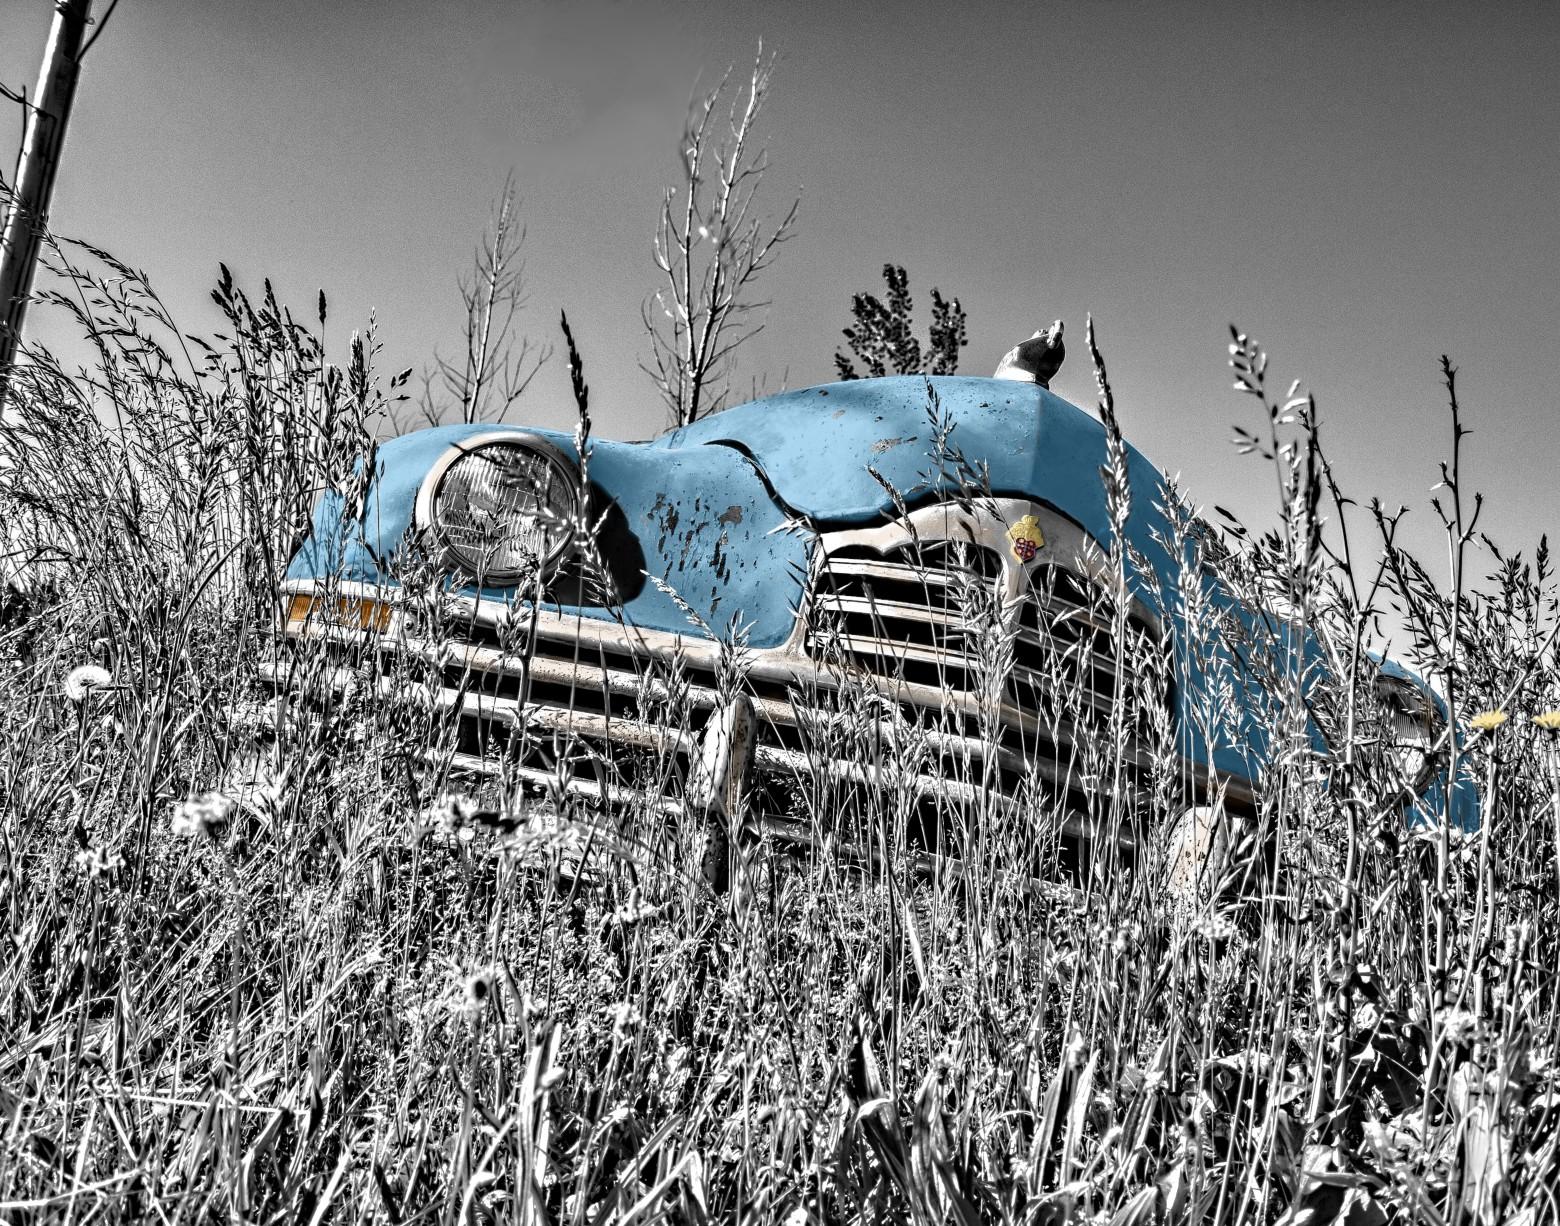 Populaire wallpaper voiture vintage bleu fond d' écran photos gratuites  SL07